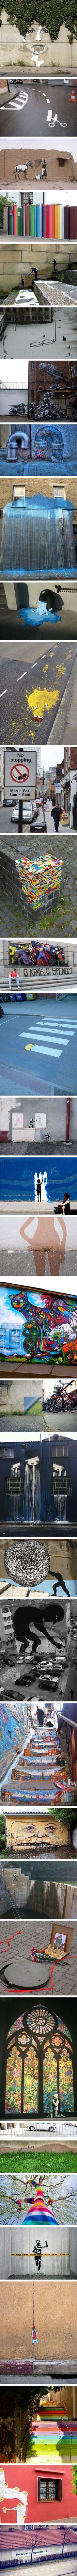 Geek street art